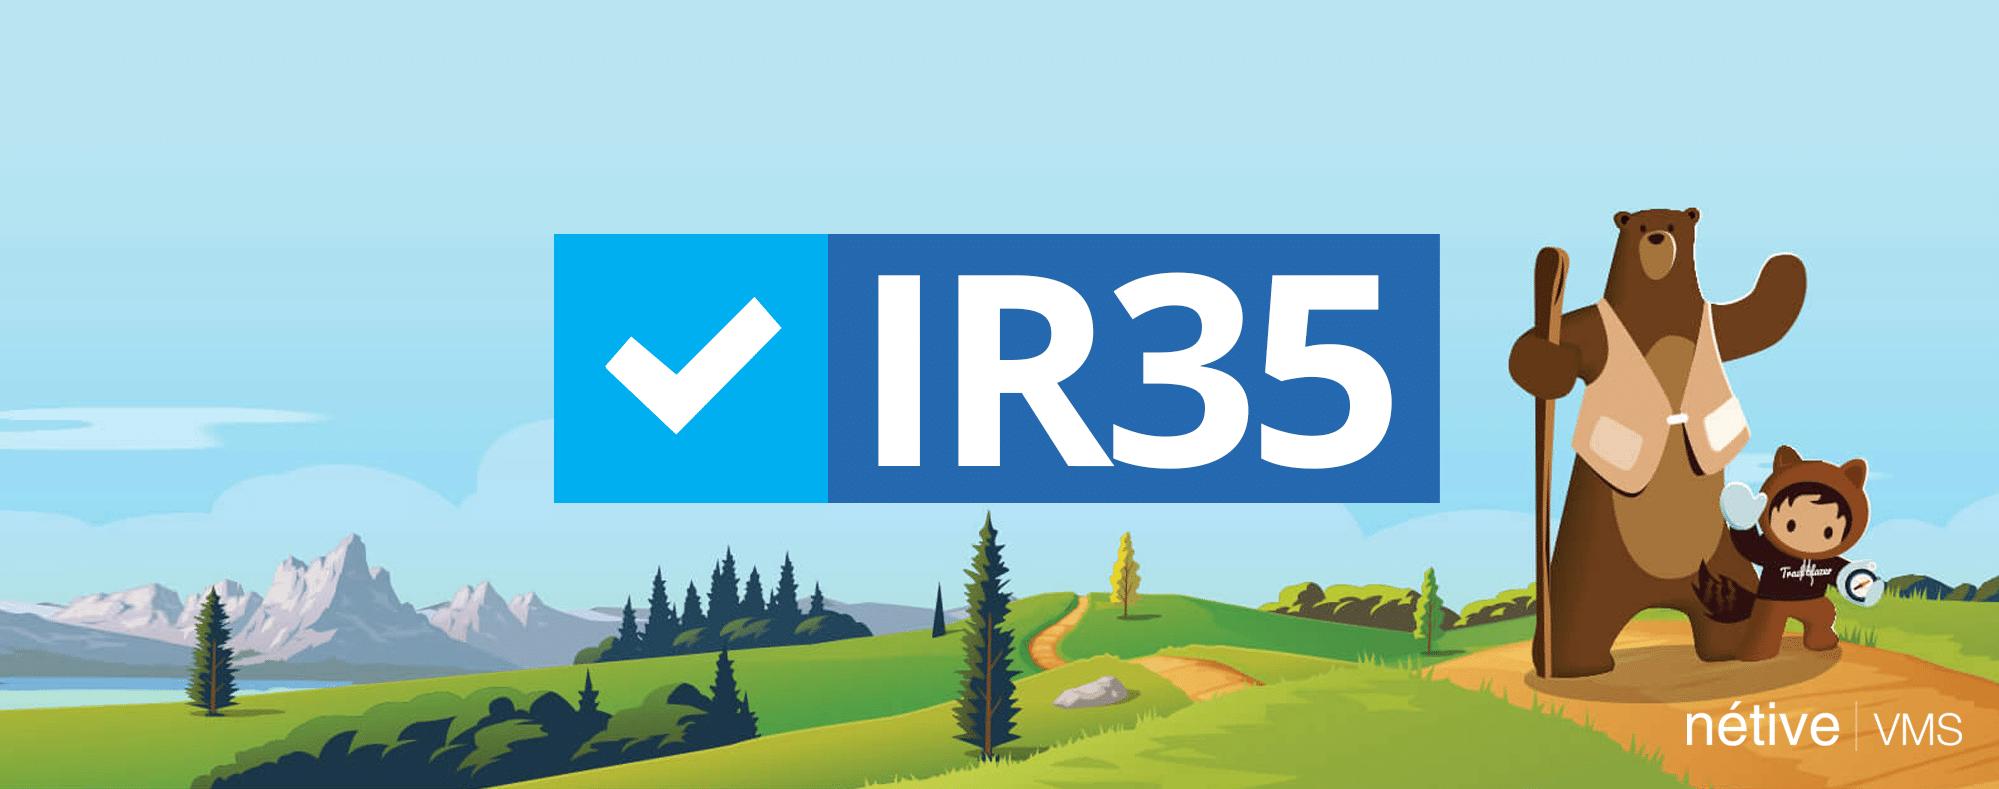 IR35 Netive VMS